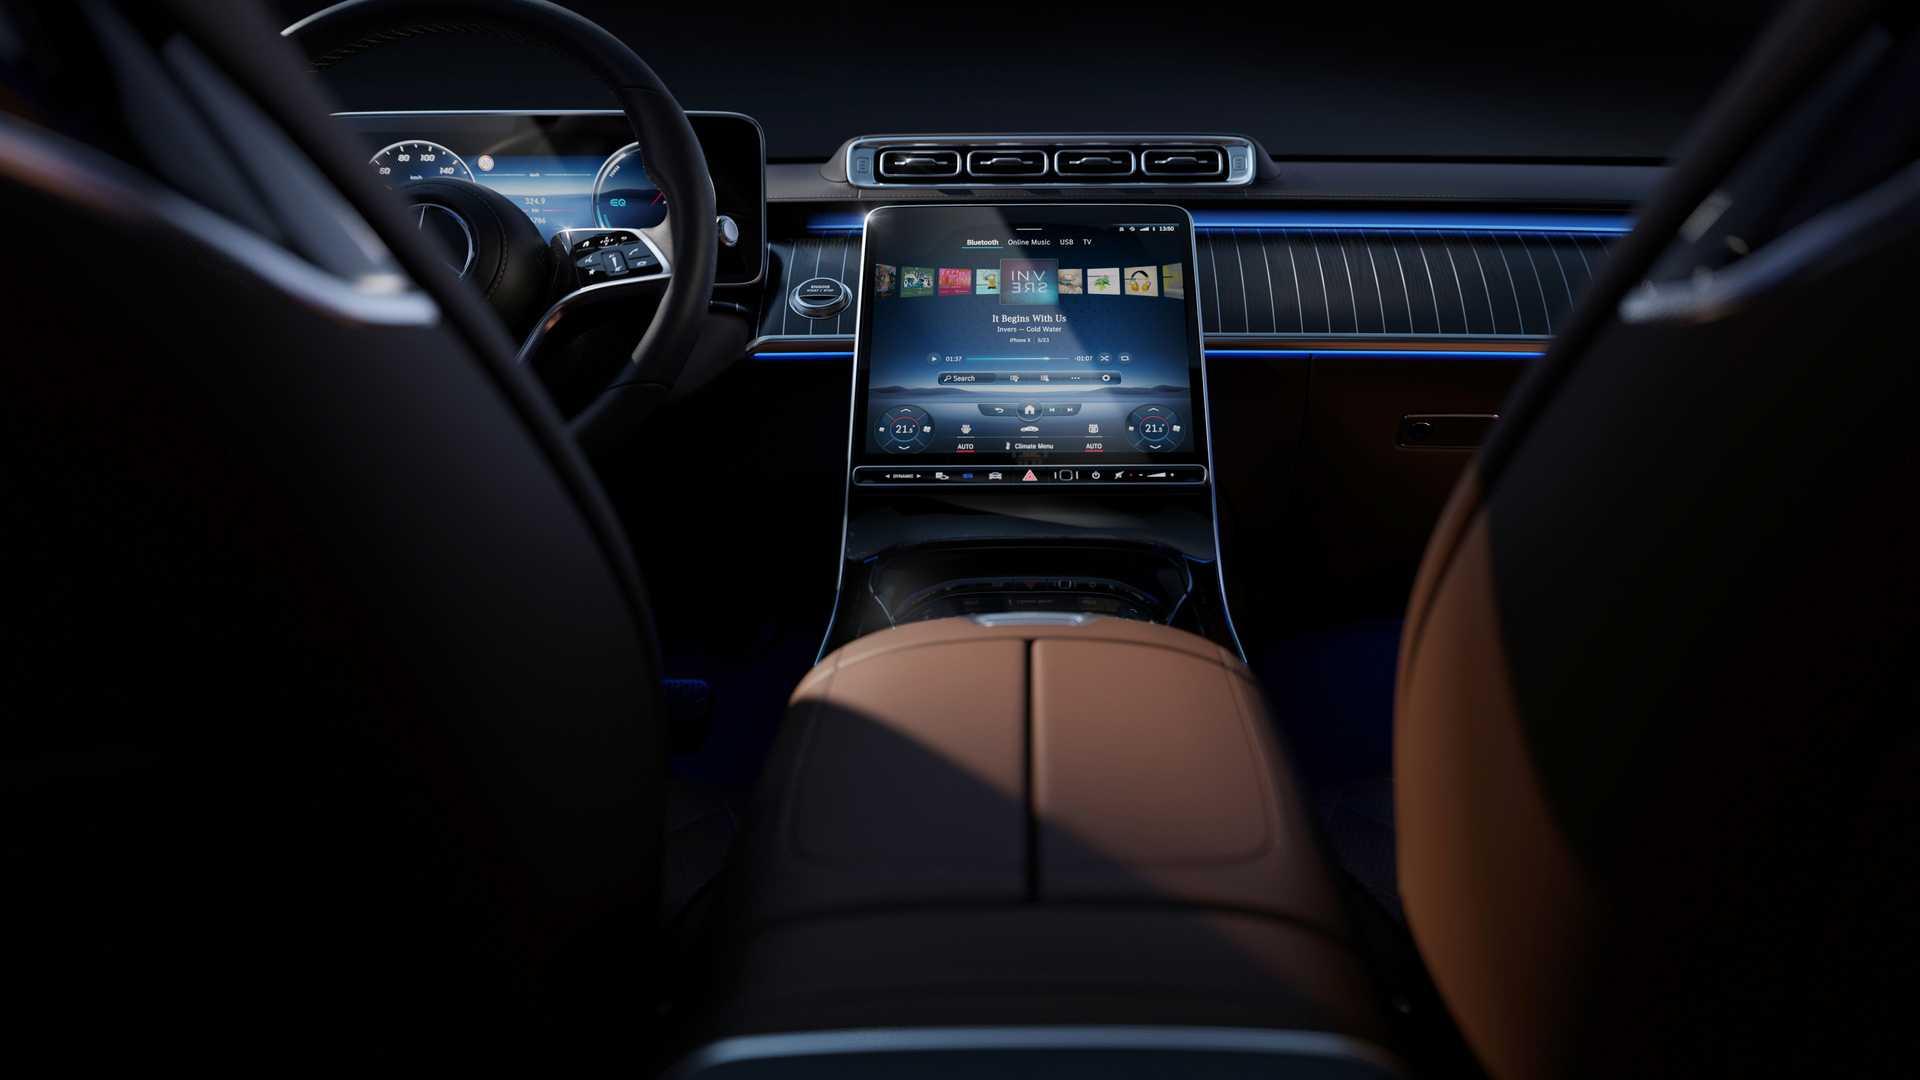 Mercedes-Benz giới thiệu chi tiết nội thất S-Class thế hệ tiếp theo sang trọng và khỏe mạnh